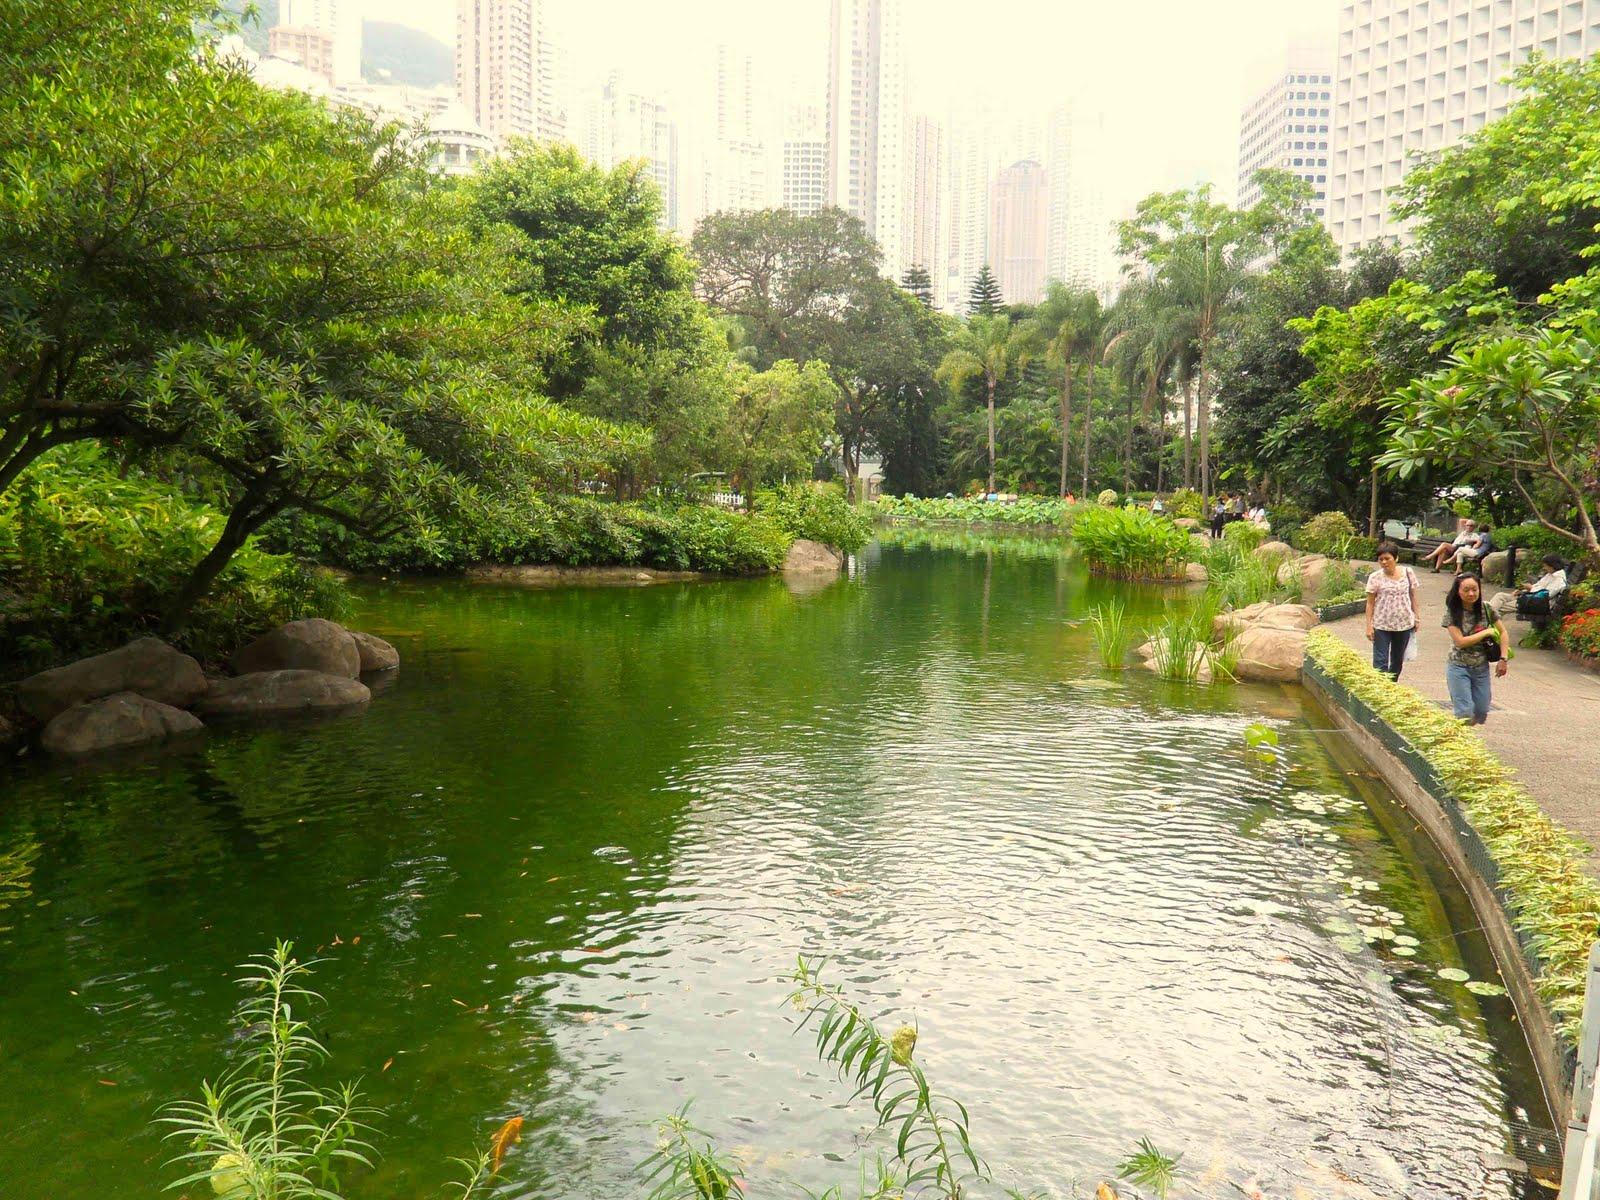 http://2.bp.blogspot.com/_WnCJlq_kUA8/TEXG5qcAs1I/AAAAAAAAXC0/bNI7u90aH3U/s1600/Hong-Kong-Park-pond.jpg